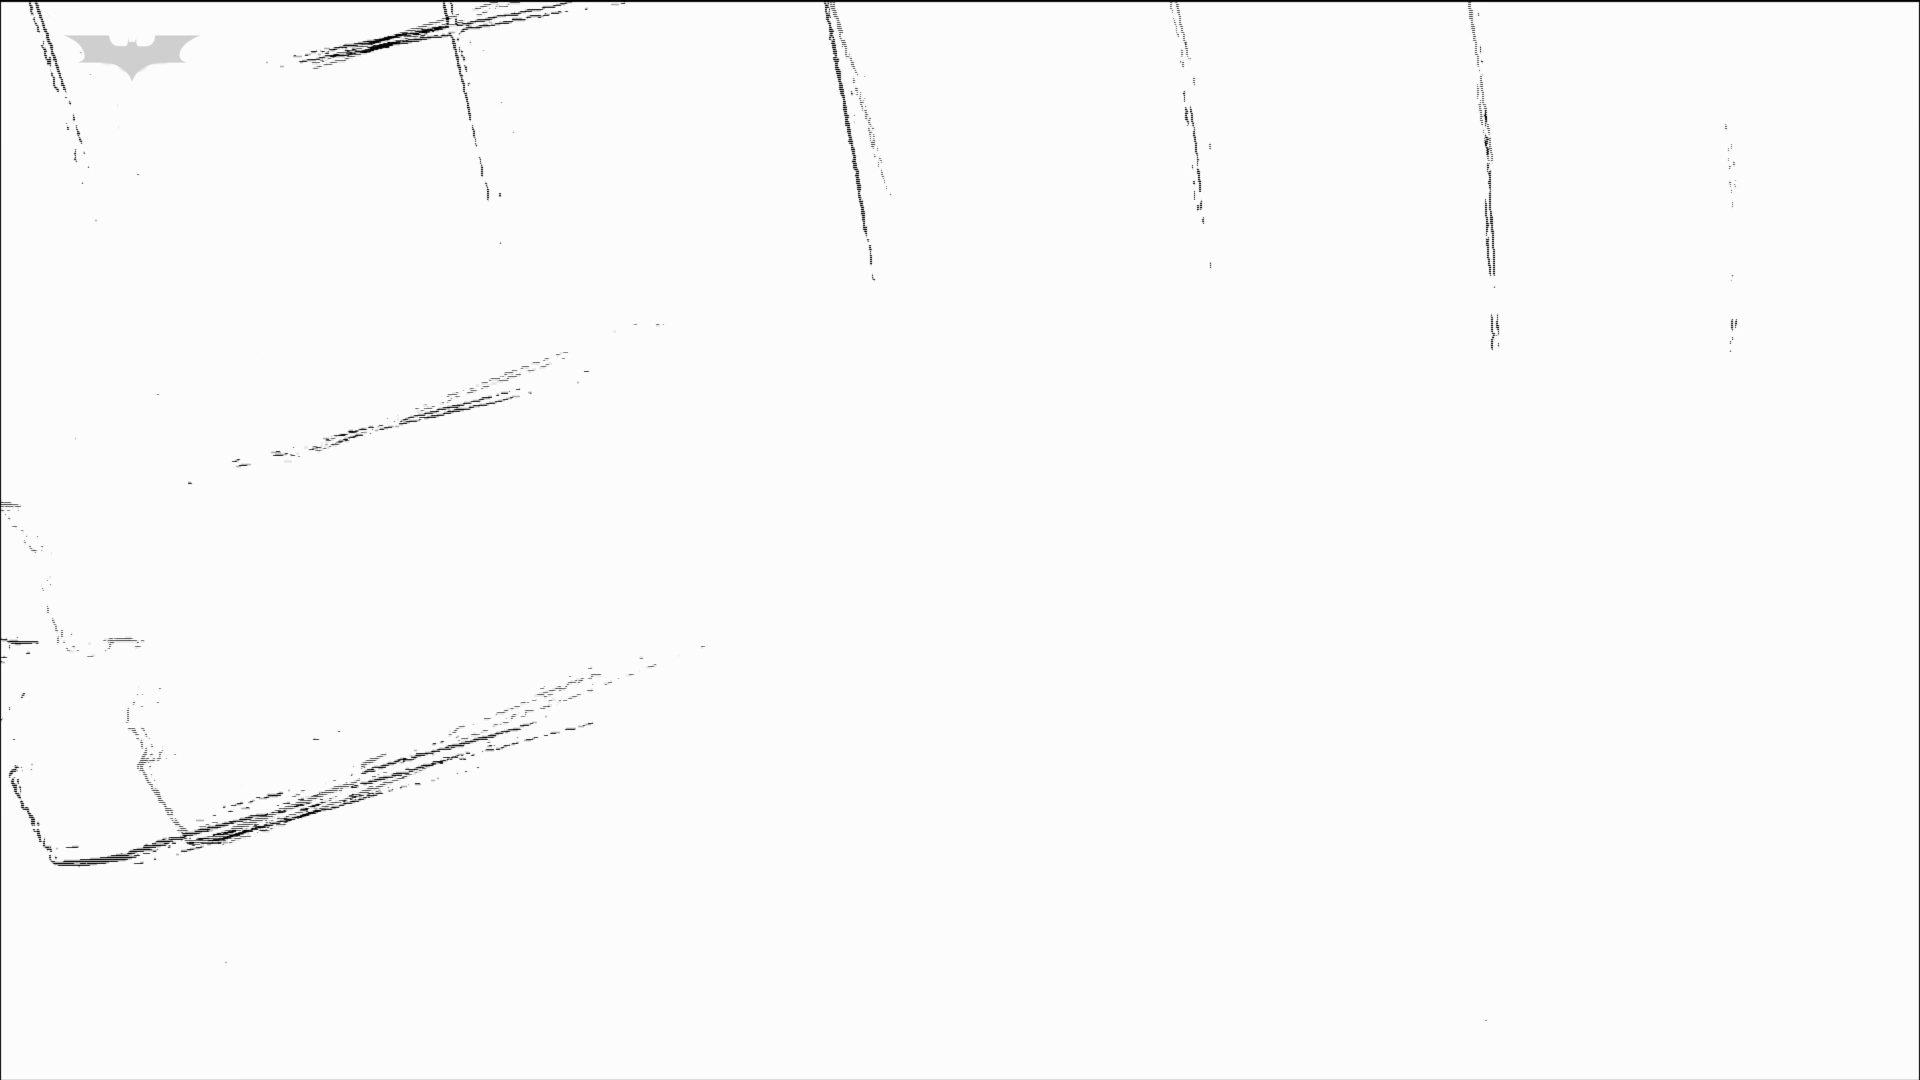 美しい日本の未来 No.19 顔全部撮れた2 おまんこ無修正 | ギャル・コレクション  82連発 68